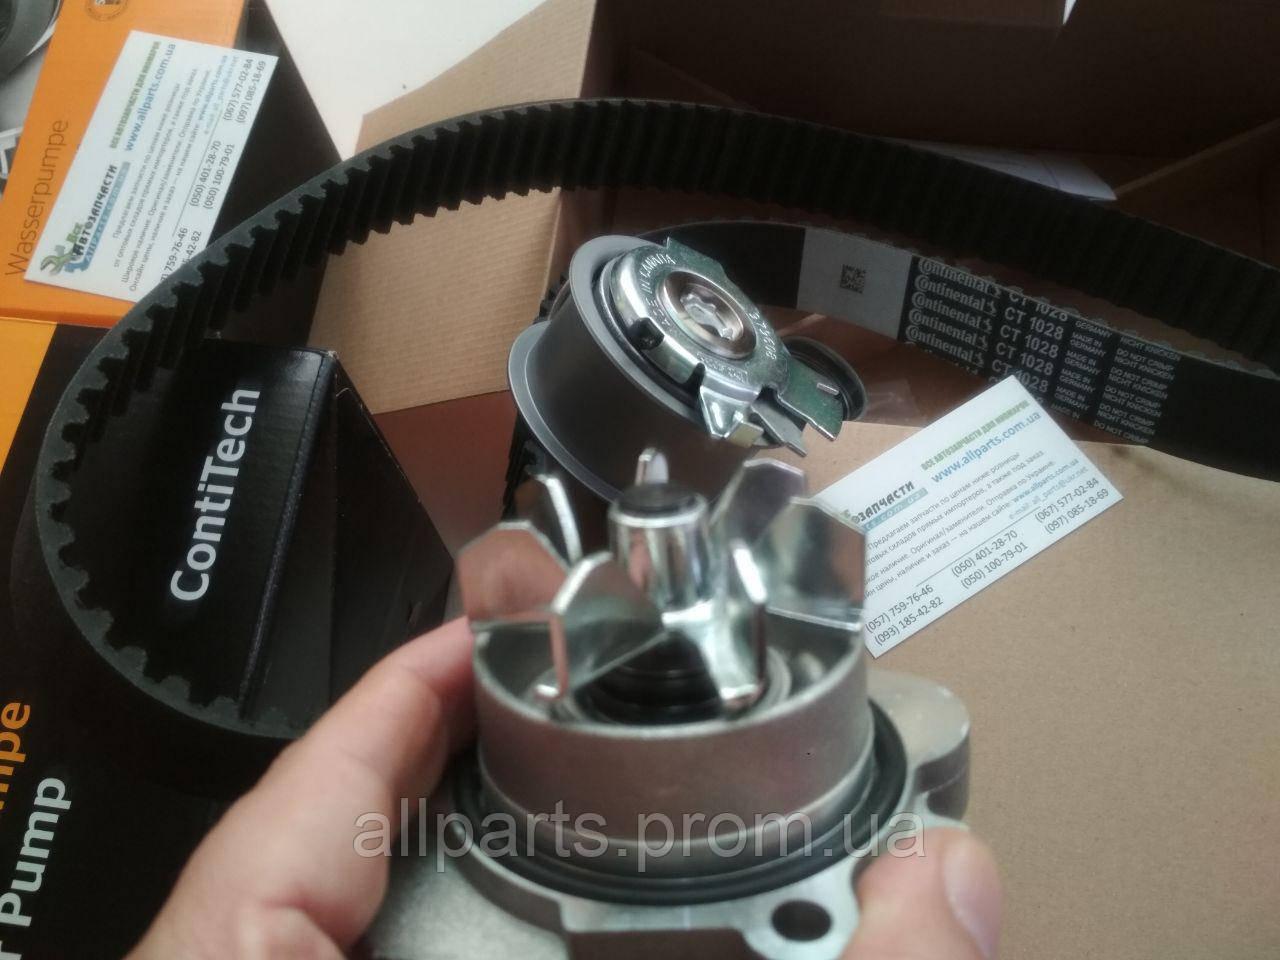 Водяной насос - помпа Contitech (производитель Германия)